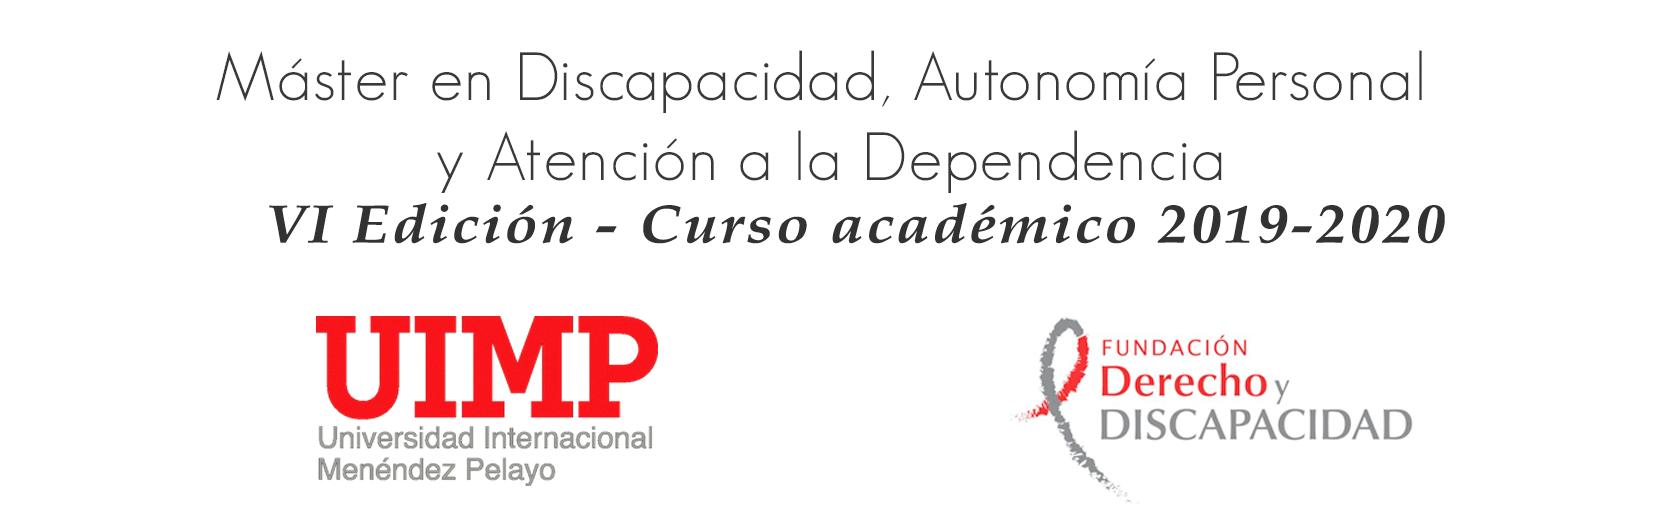 Máster en Discapacidad, autonomía personal y atención a la dependencia - VI Edición - Curso académico 2019 - 2020